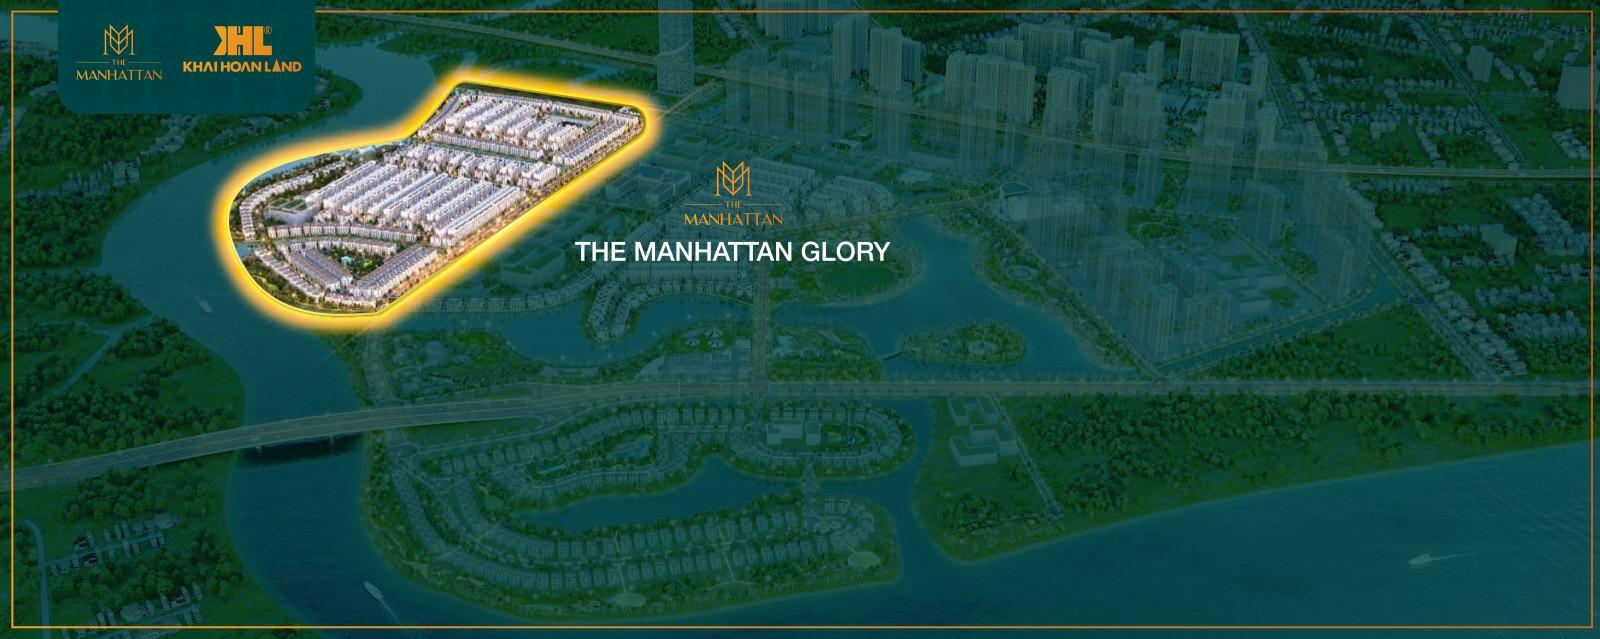 Vị trí & mặt bằng The Manhattan Glory Vinhomes Grand Park, quận 9, TP HCM